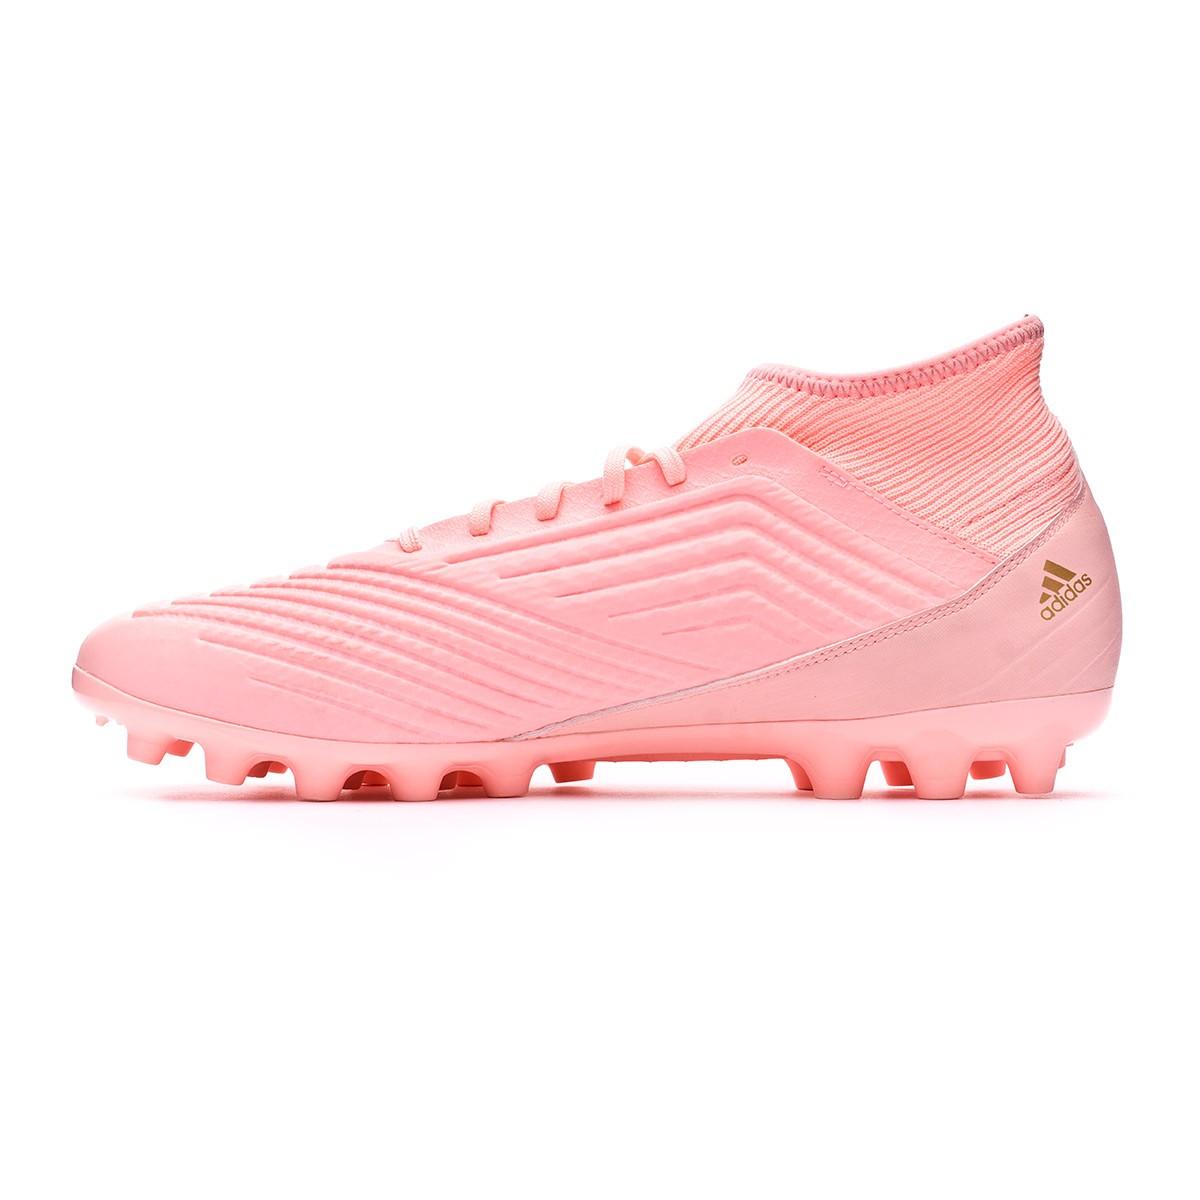 bf7a02fc289 Football Boots adidas Predator 18.3 AG Clear orange-Trace pink - Tienda de  fútbol Fútbol Emotion